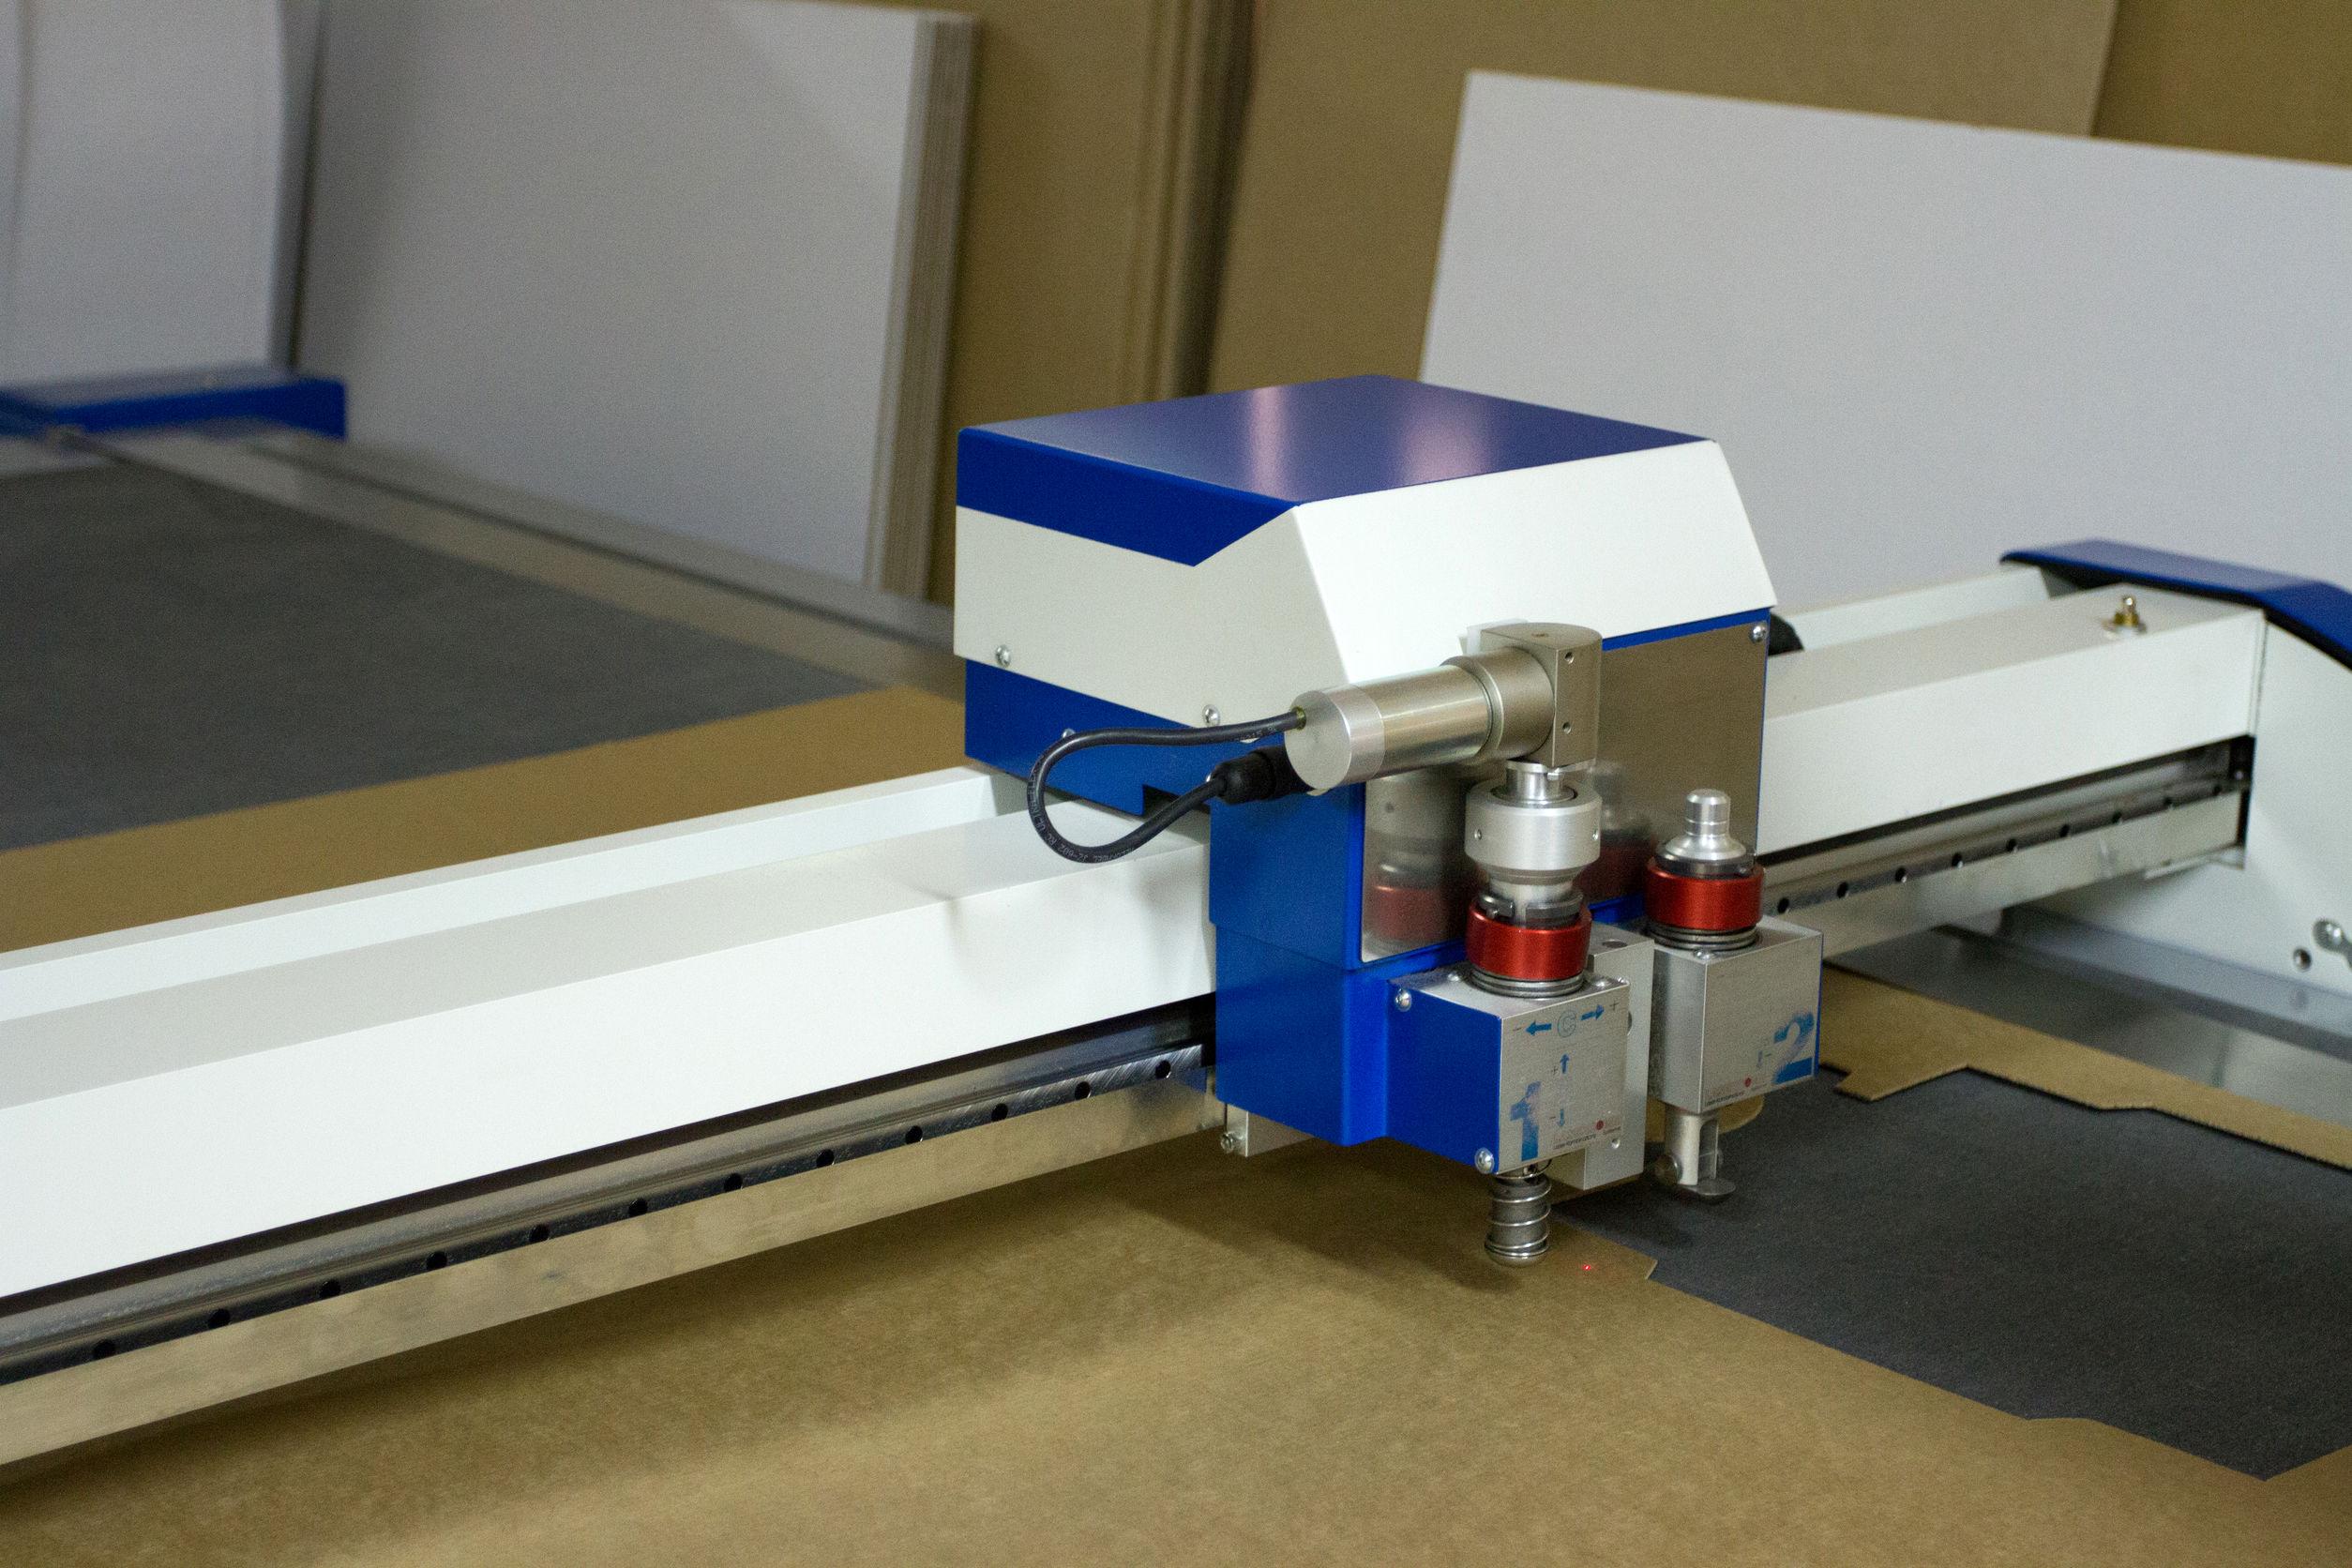 Trazador de corte láser 3D profesional en fábrica